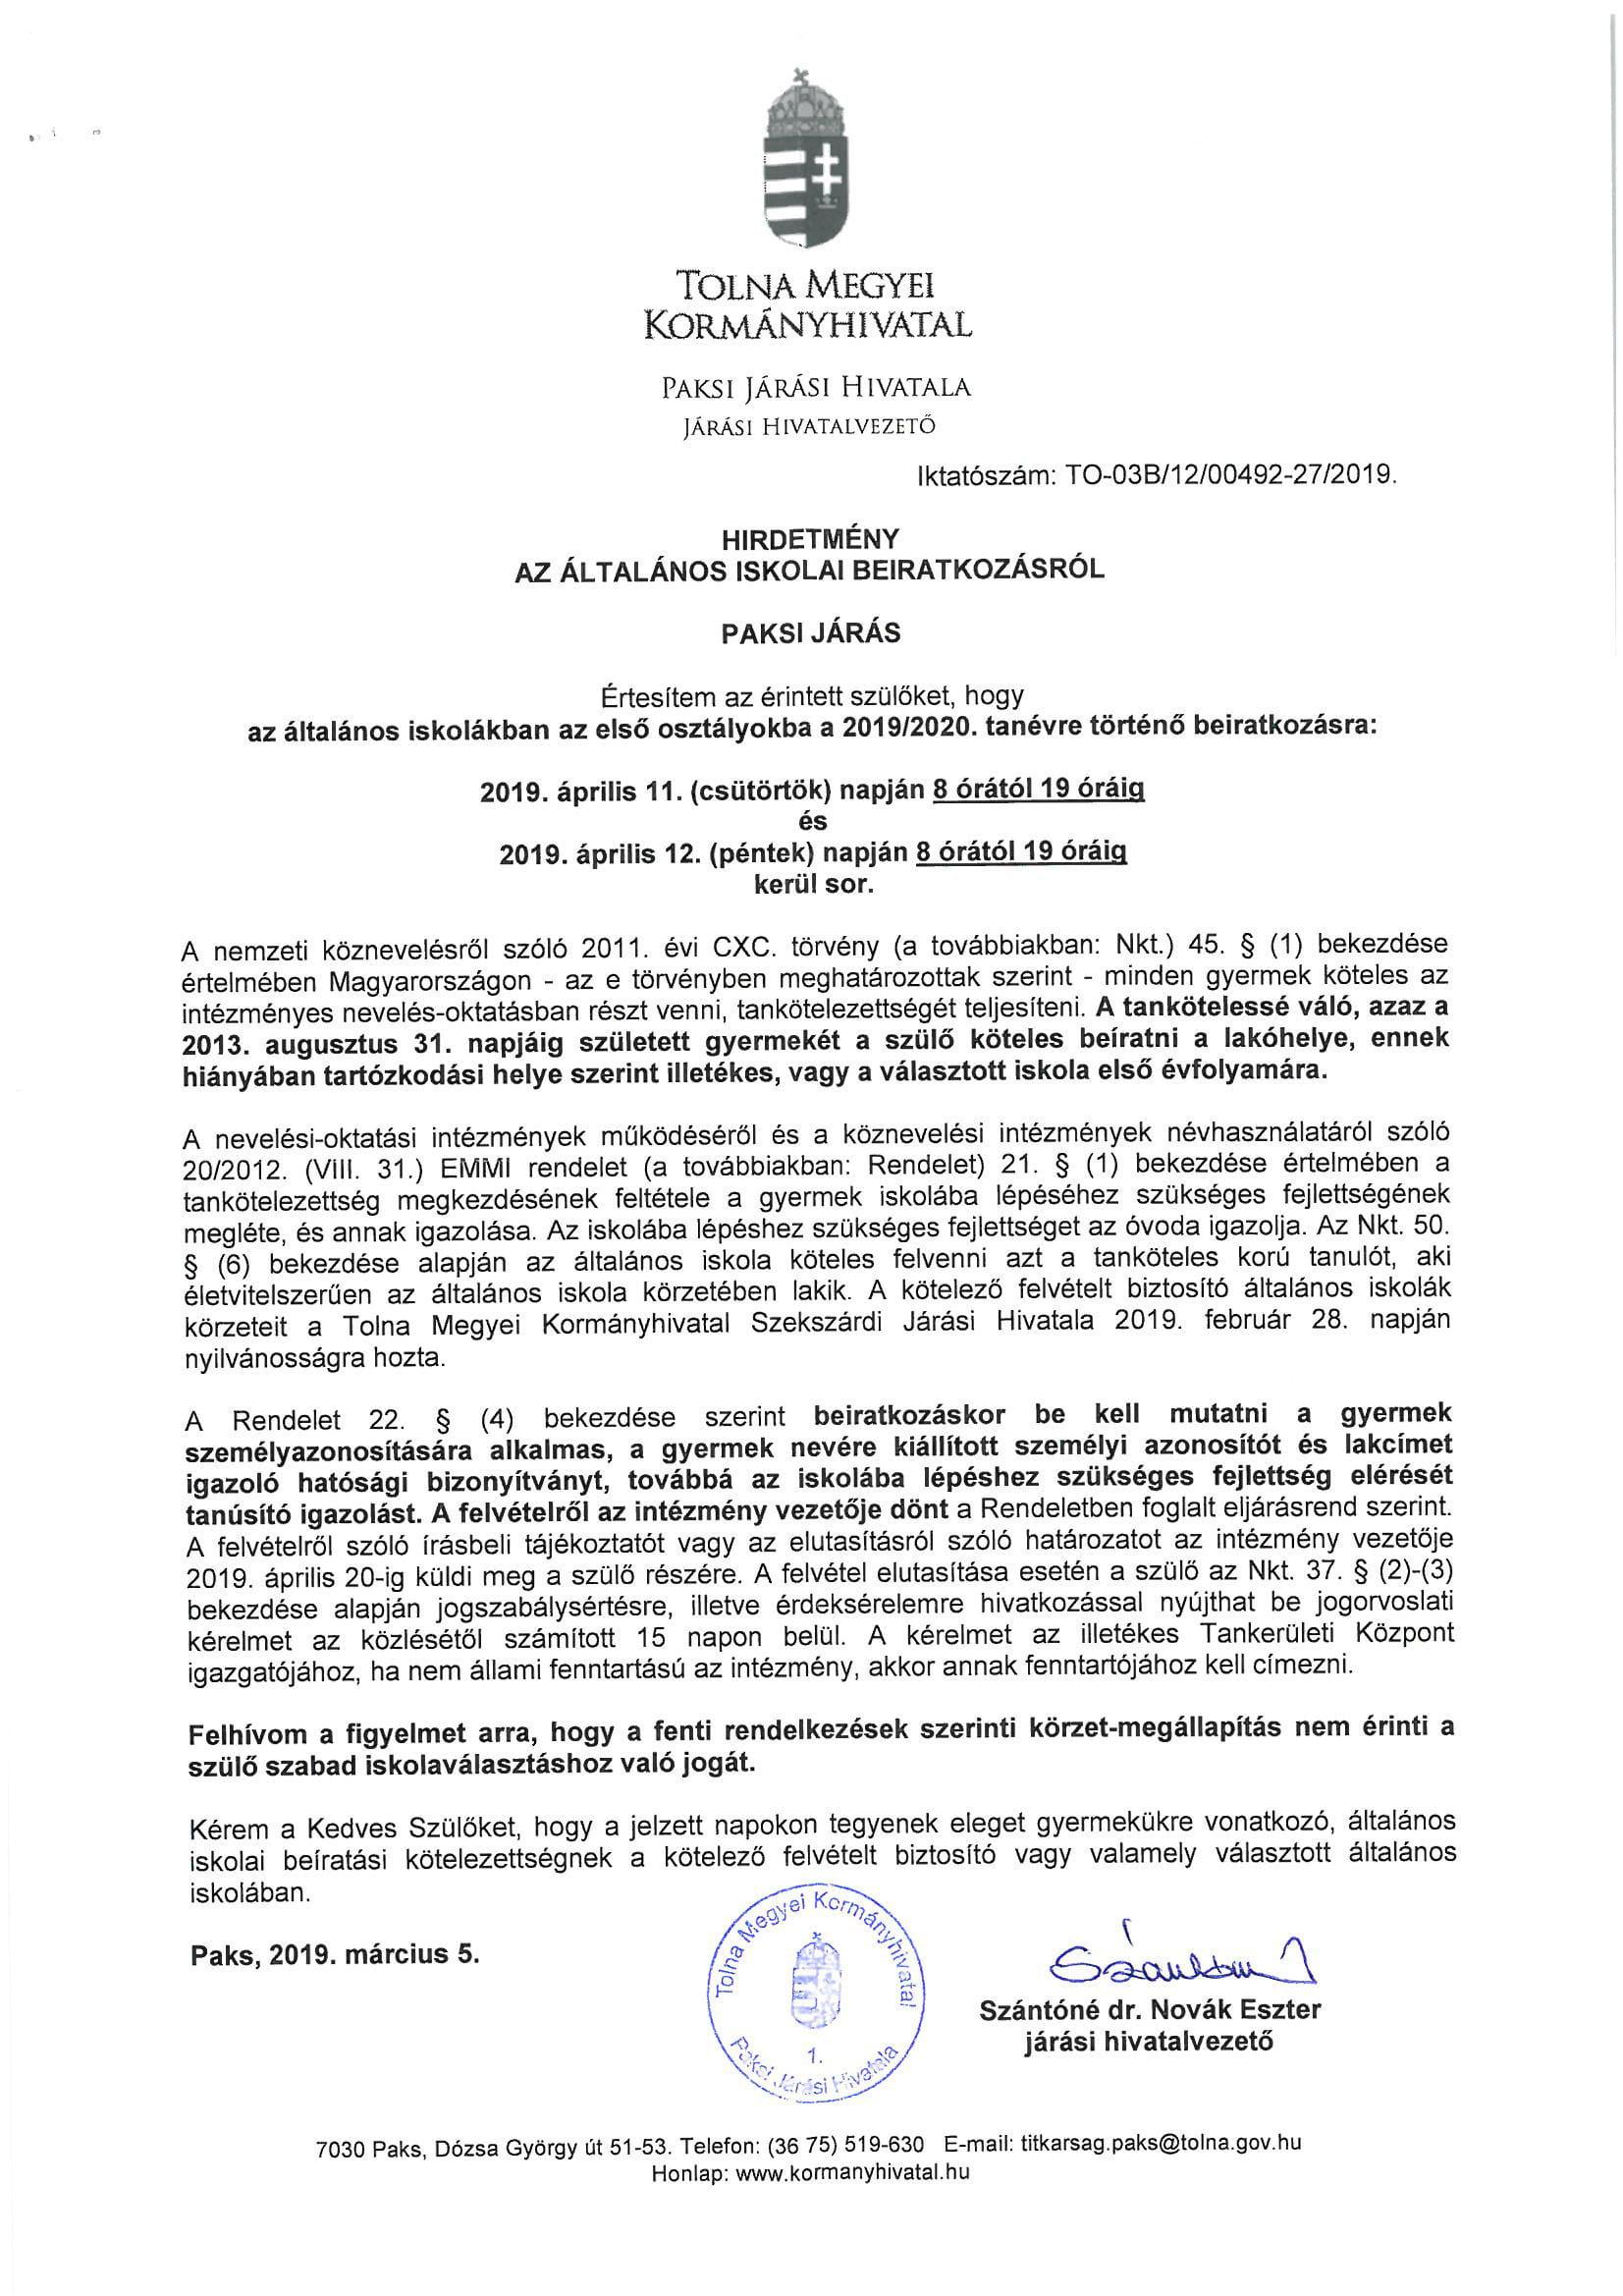 Hirdetmeny-a-2019.evi-1.osztalyos-beiratkozasrol-2